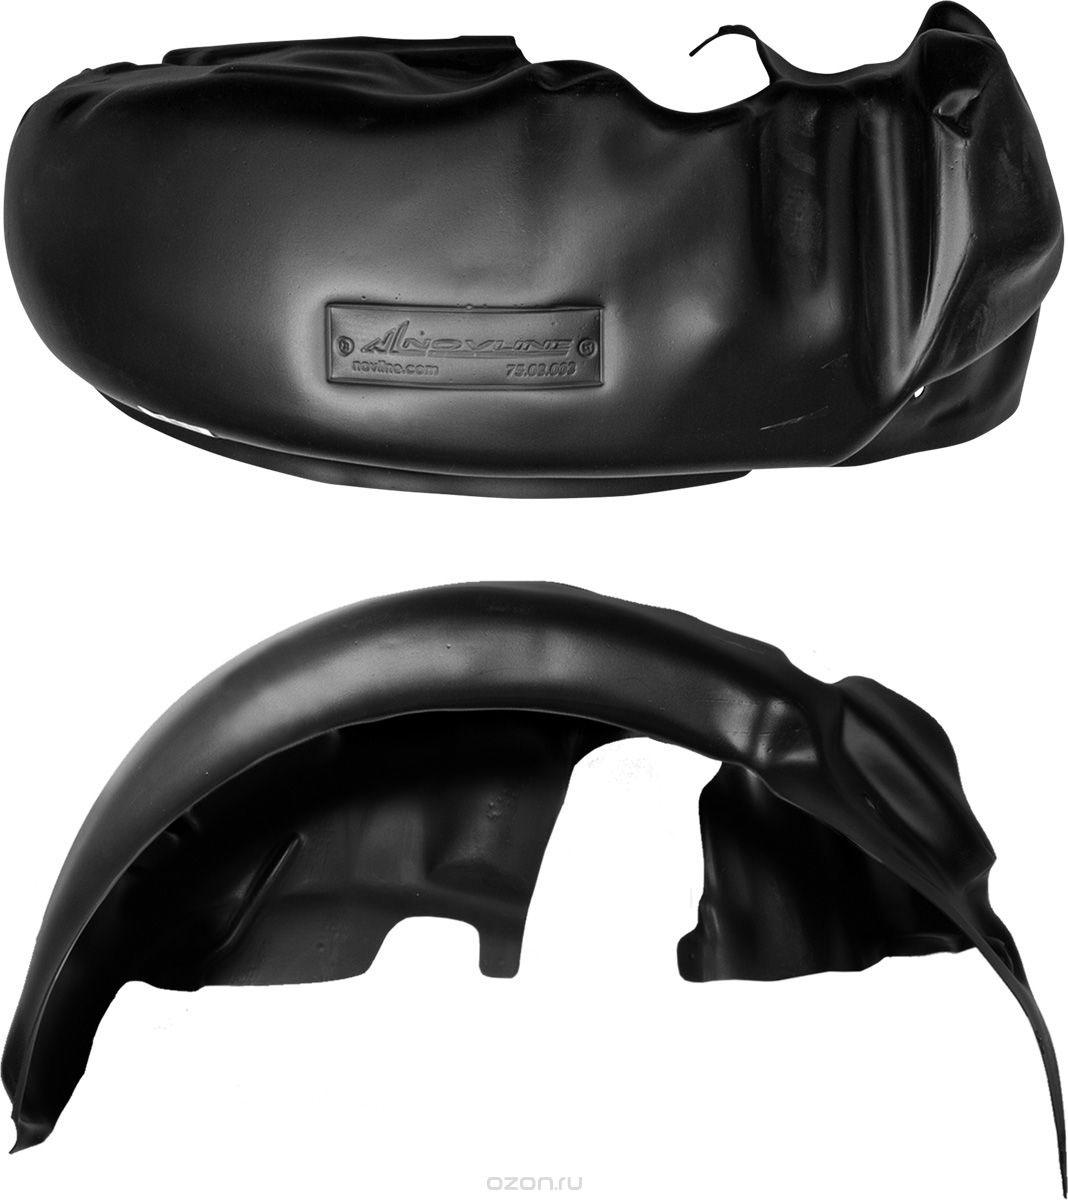 Подкрылок Novline-Autofamily, для CHERY Tiggo, 2014-2016, T(21, передний правый42305001Идеальная защита колесной ниши. Локеры разработаны с применением цифровых технологий, гарантируют максимальную повторяемость поверхности арки. Изделия устанавливаются без нарушения лакокрасочного покрытия автомобиля, каждый подкрылок комплектуется крепежом. Уважаемые клиенты, обращаем ваше внимание, что фотографии на подкрылки универсальные и не отражают реальную форму изделия. При этом само изделие идет точно под размер указанного автомобиля.